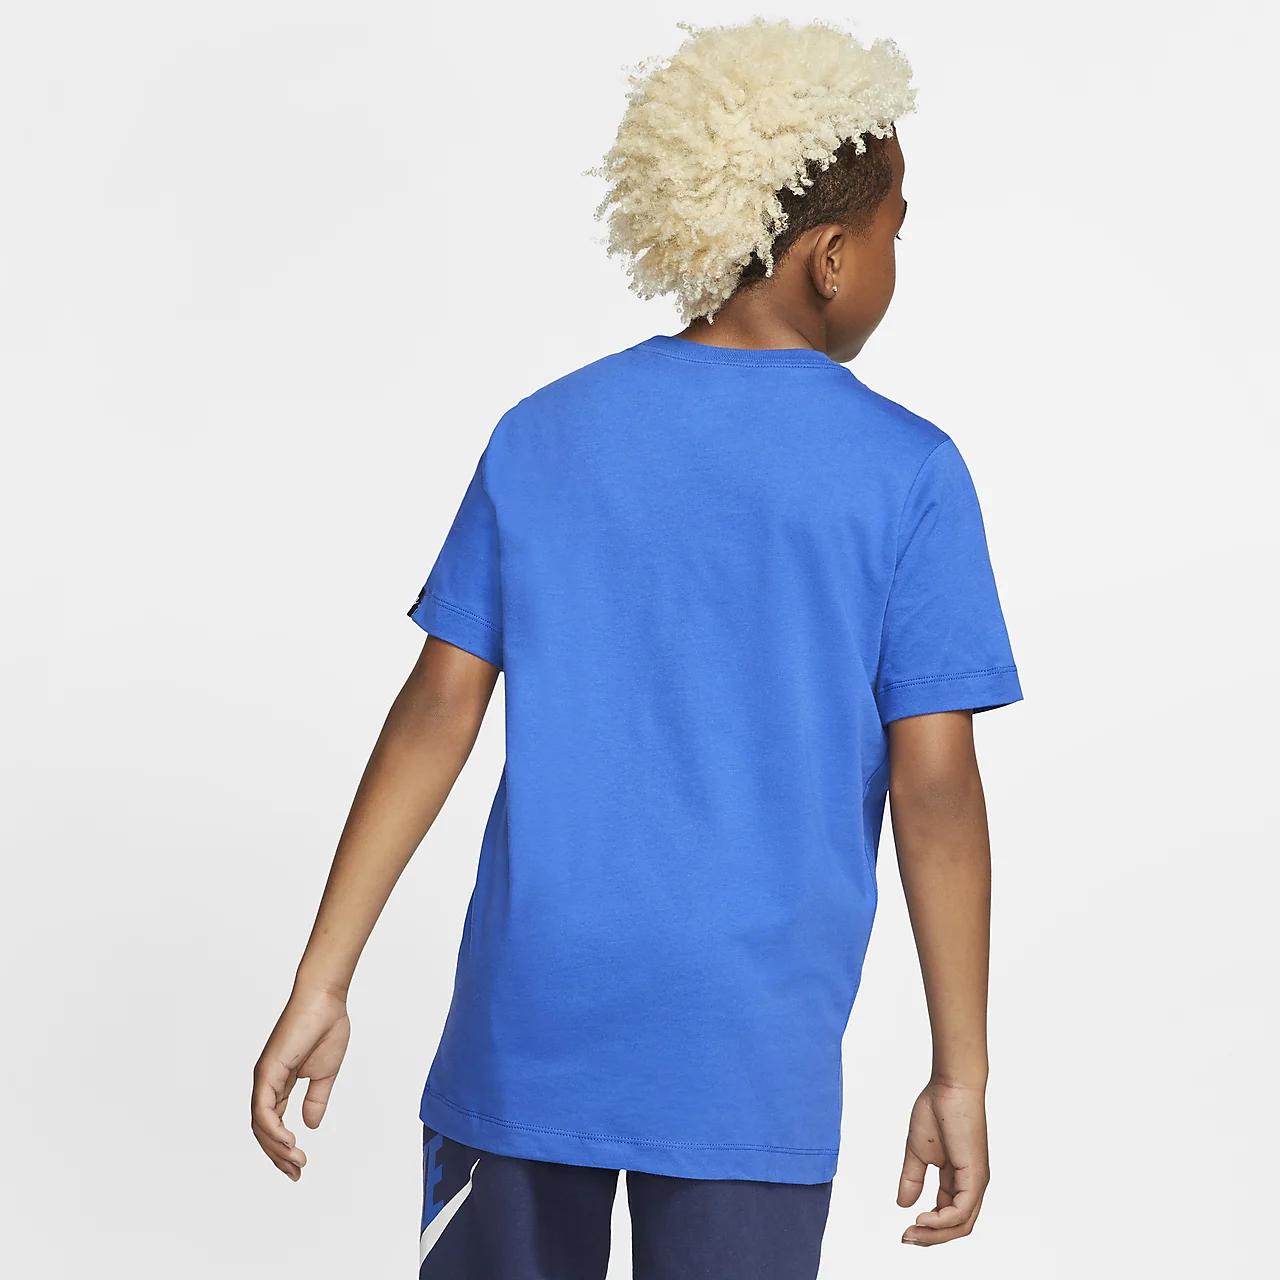 나이키 스포츠웨어 빅 키즈(보이즈) 티셔츠 CV2152-480